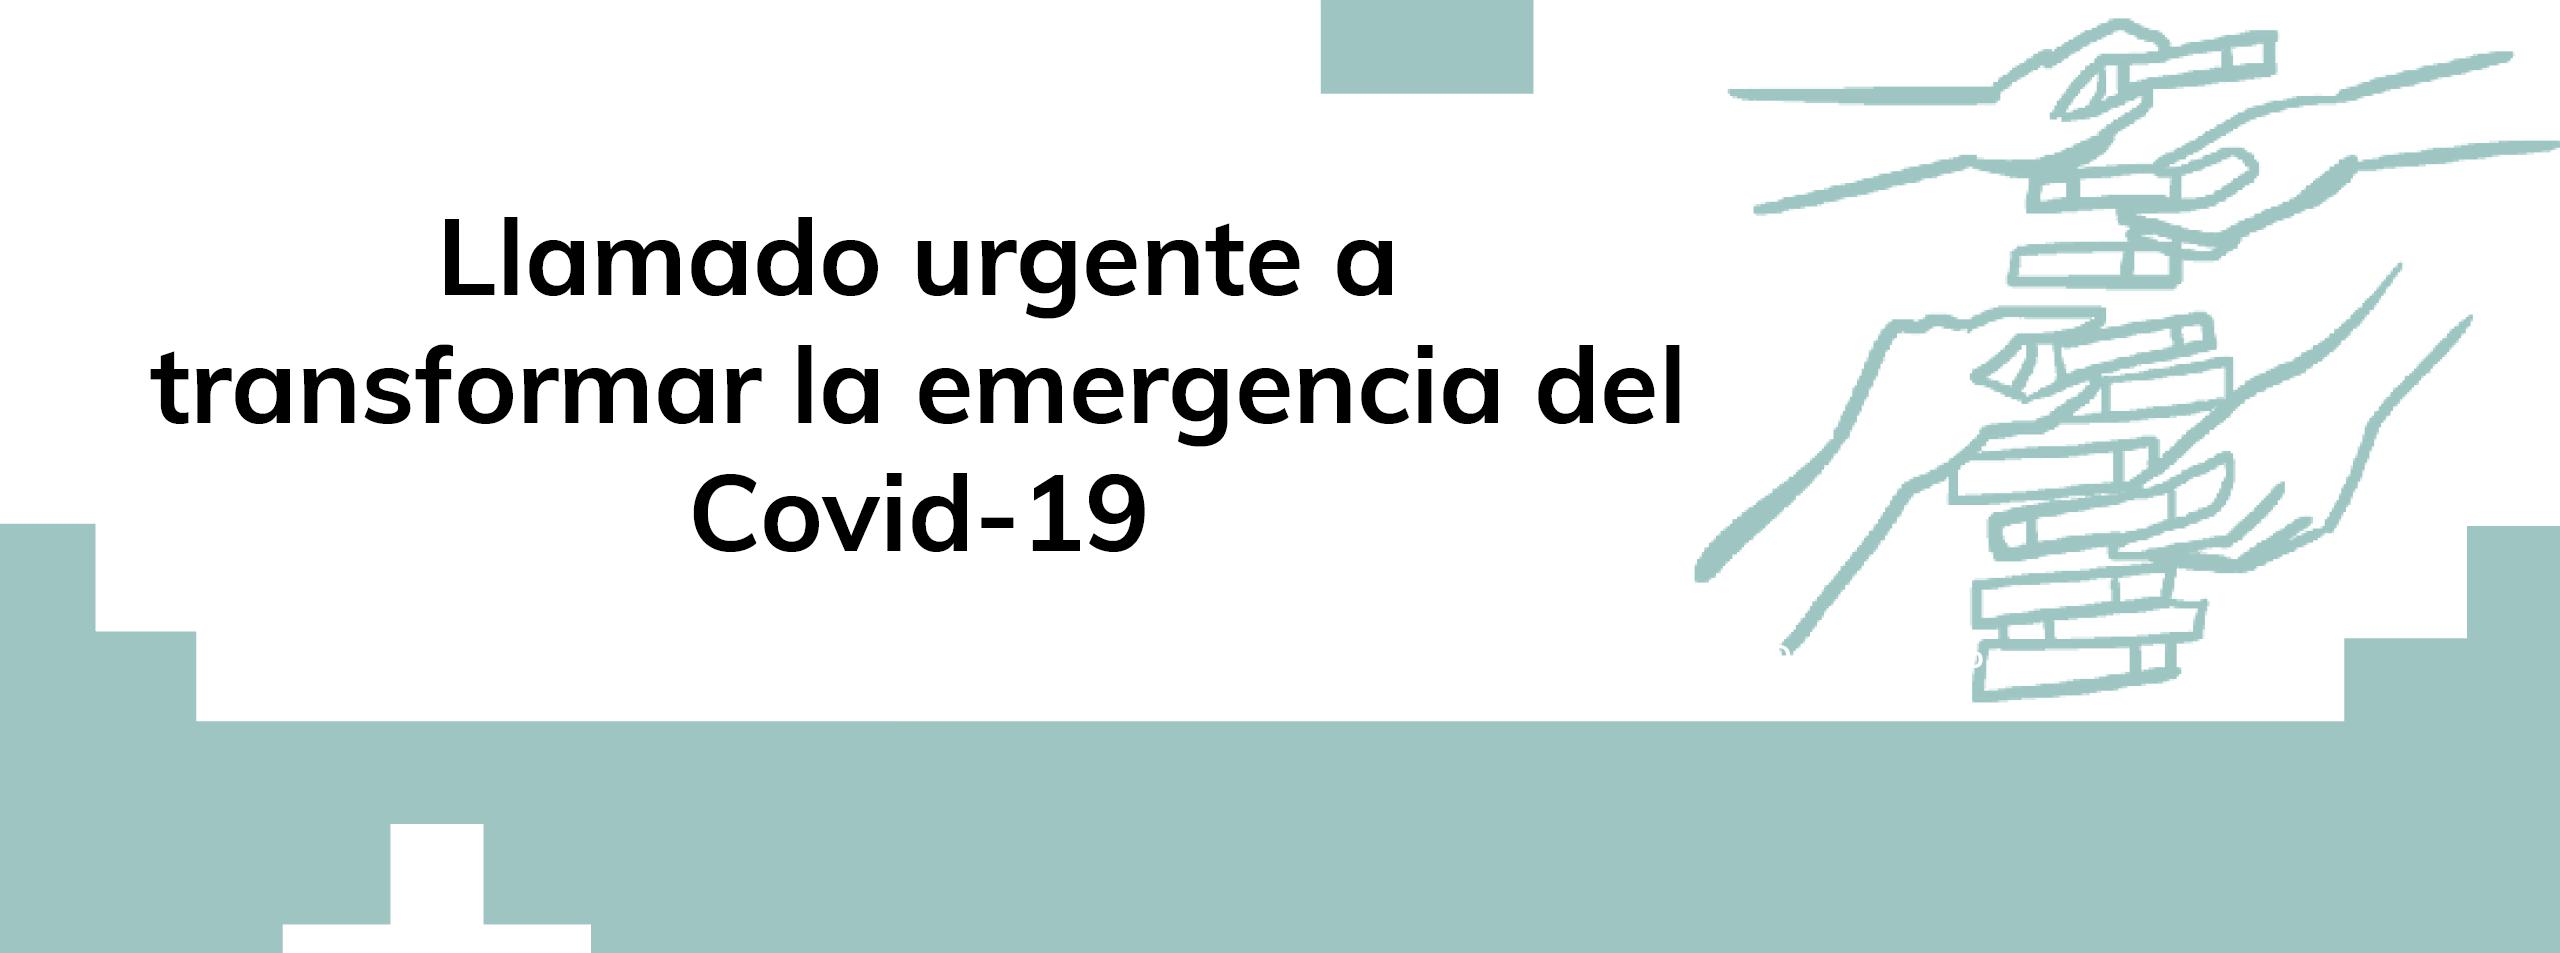 Ante la emergencia del COVID-19, llamamos a una respuesta integral y con perspectiva de Derechos Humanos